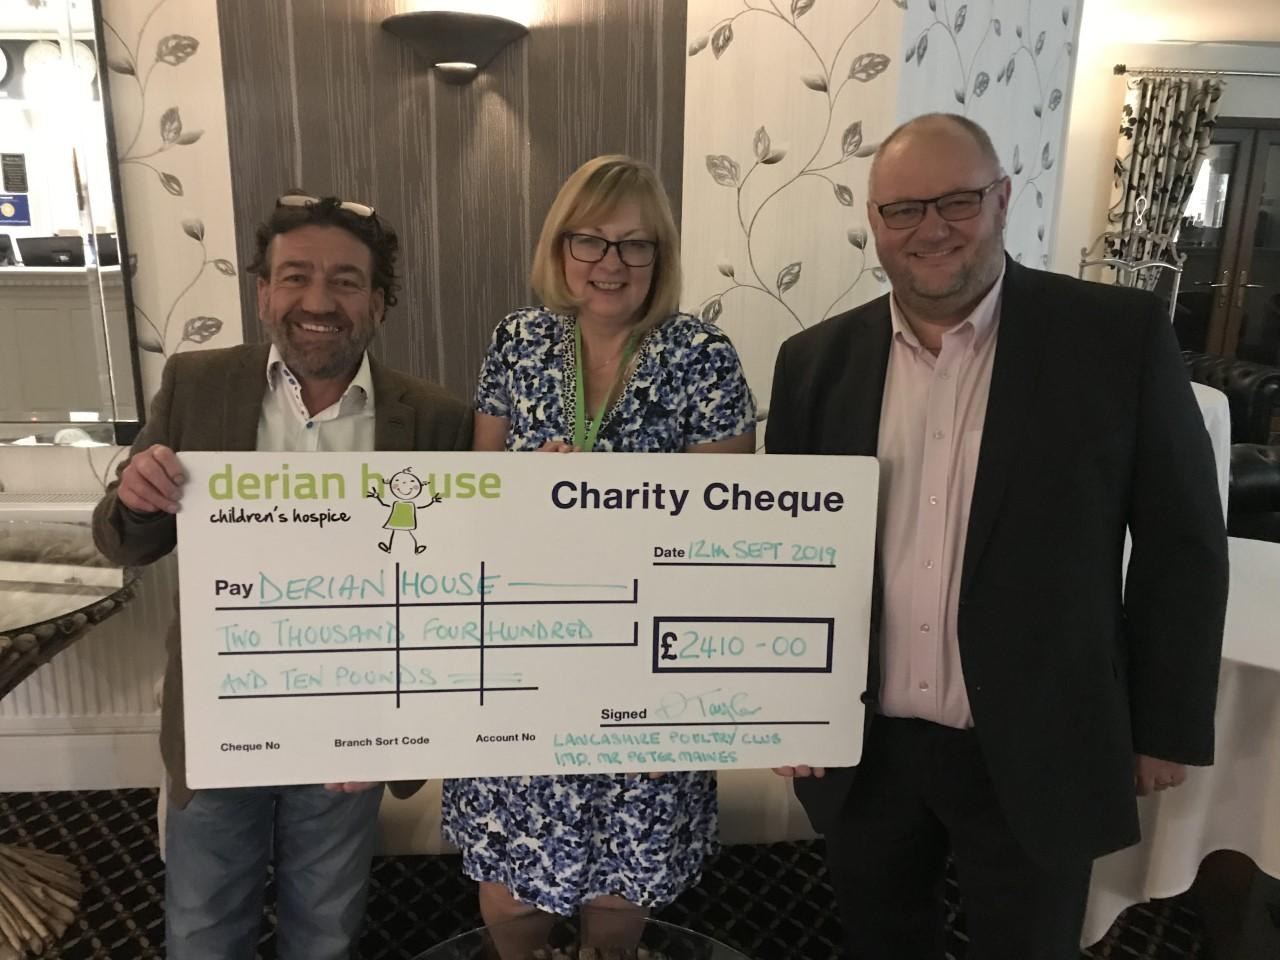 Lancashire Poultry Club Donation